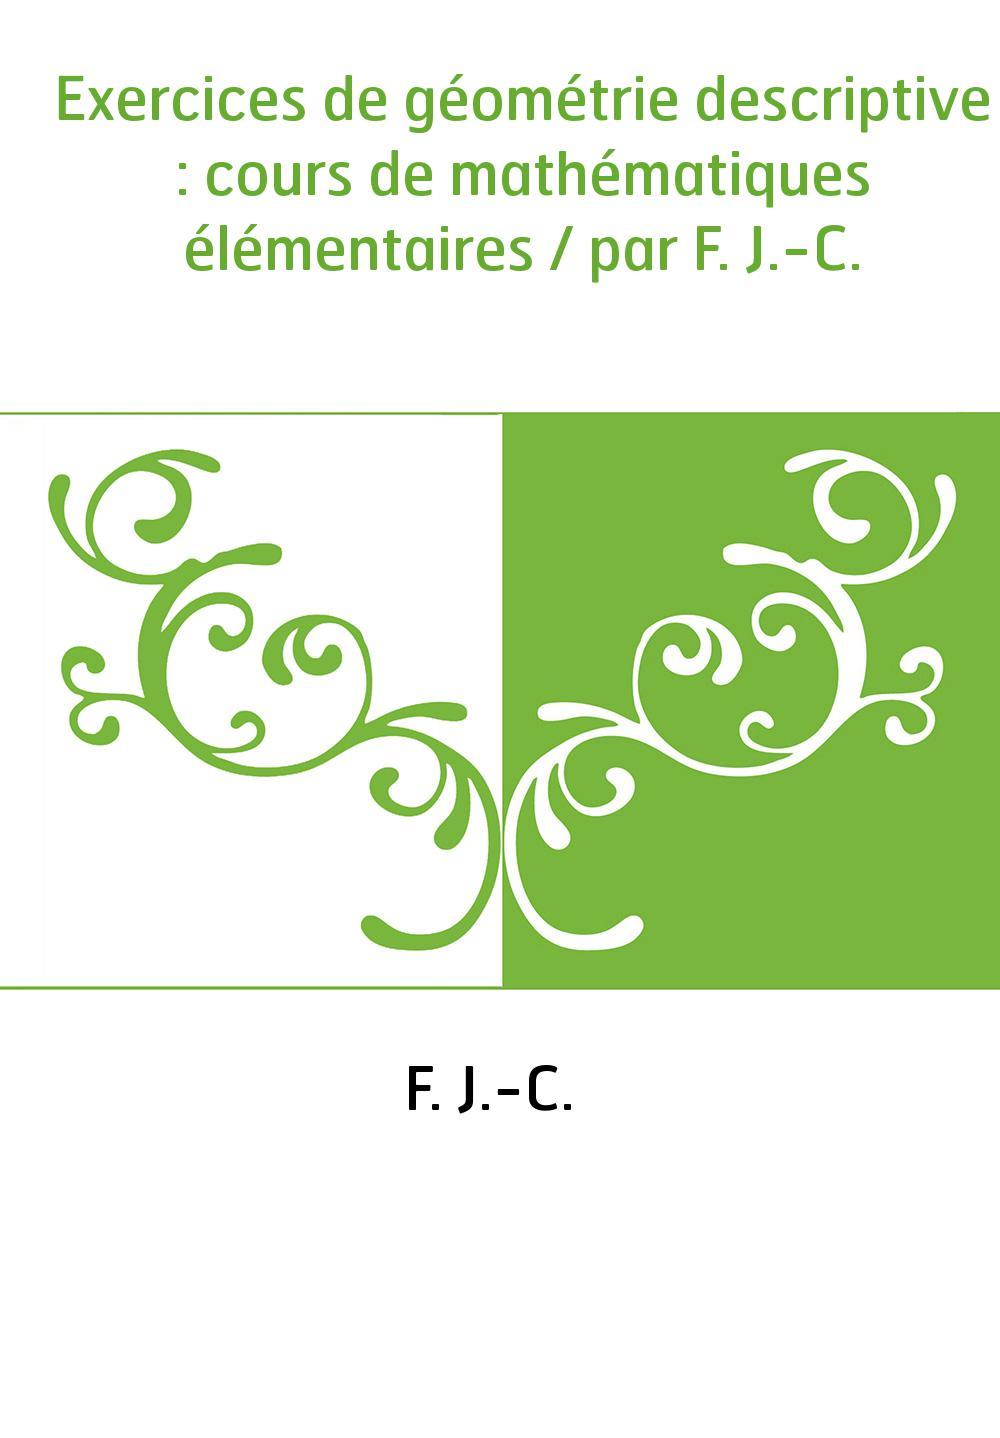 Exercices de géométrie descriptive : cours de mathématiques élémentaires / par F. J.-C.